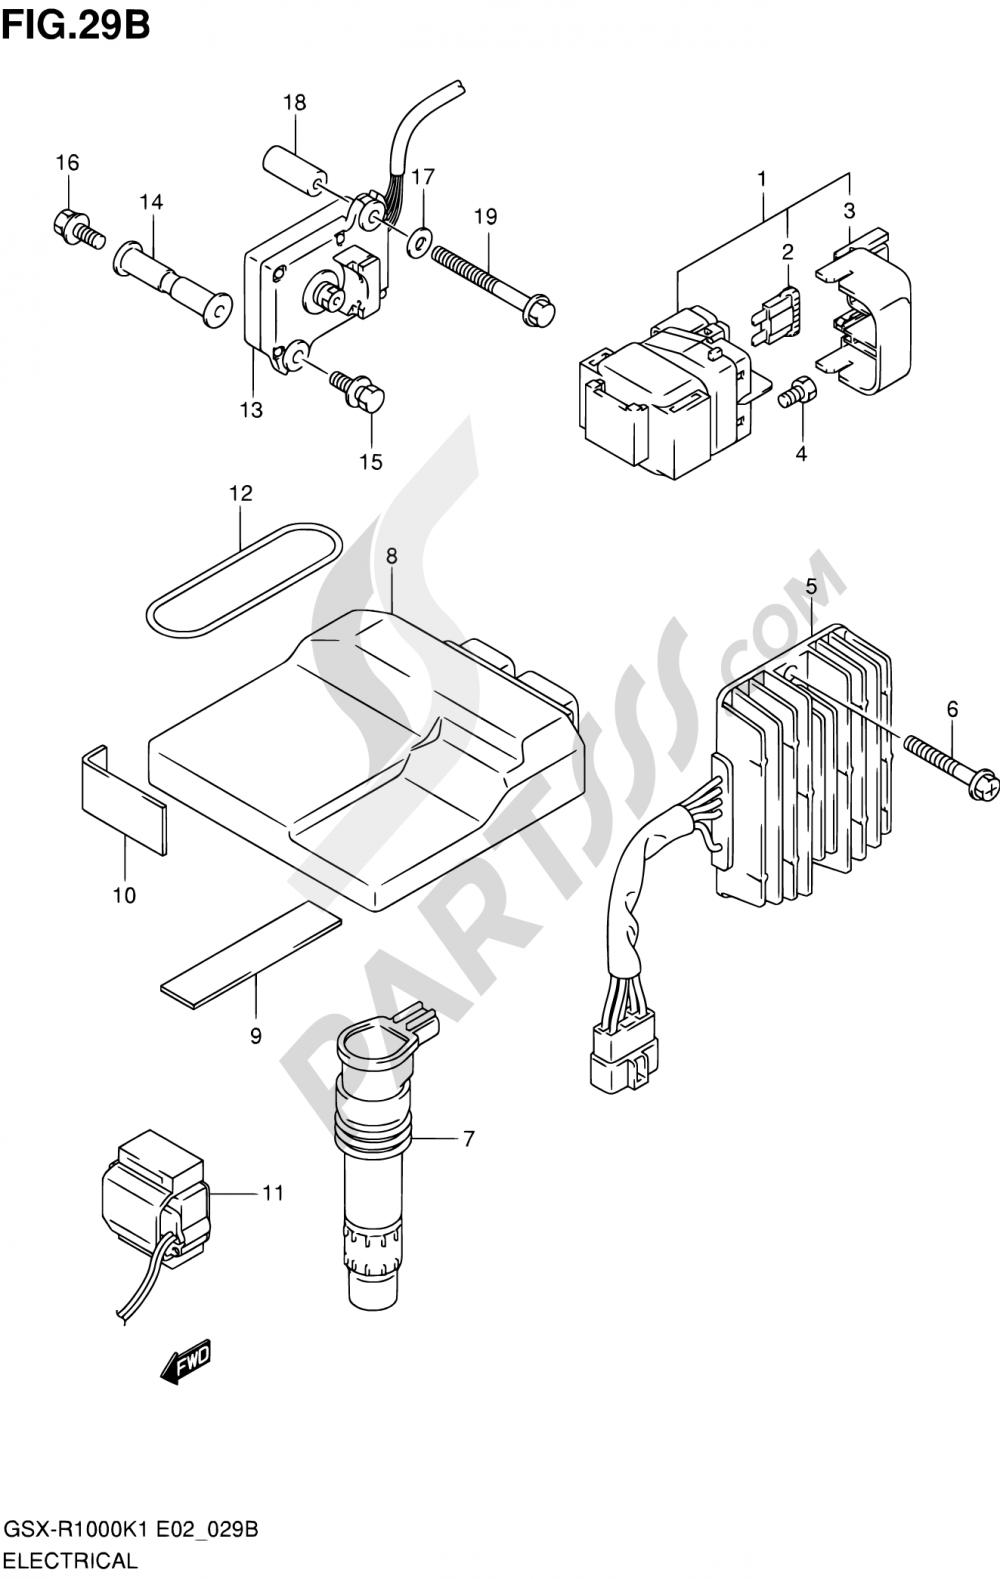 29B - ELECTRICAL (GSX-R1000K1 E24) Suzuki GSX-R1000 2001